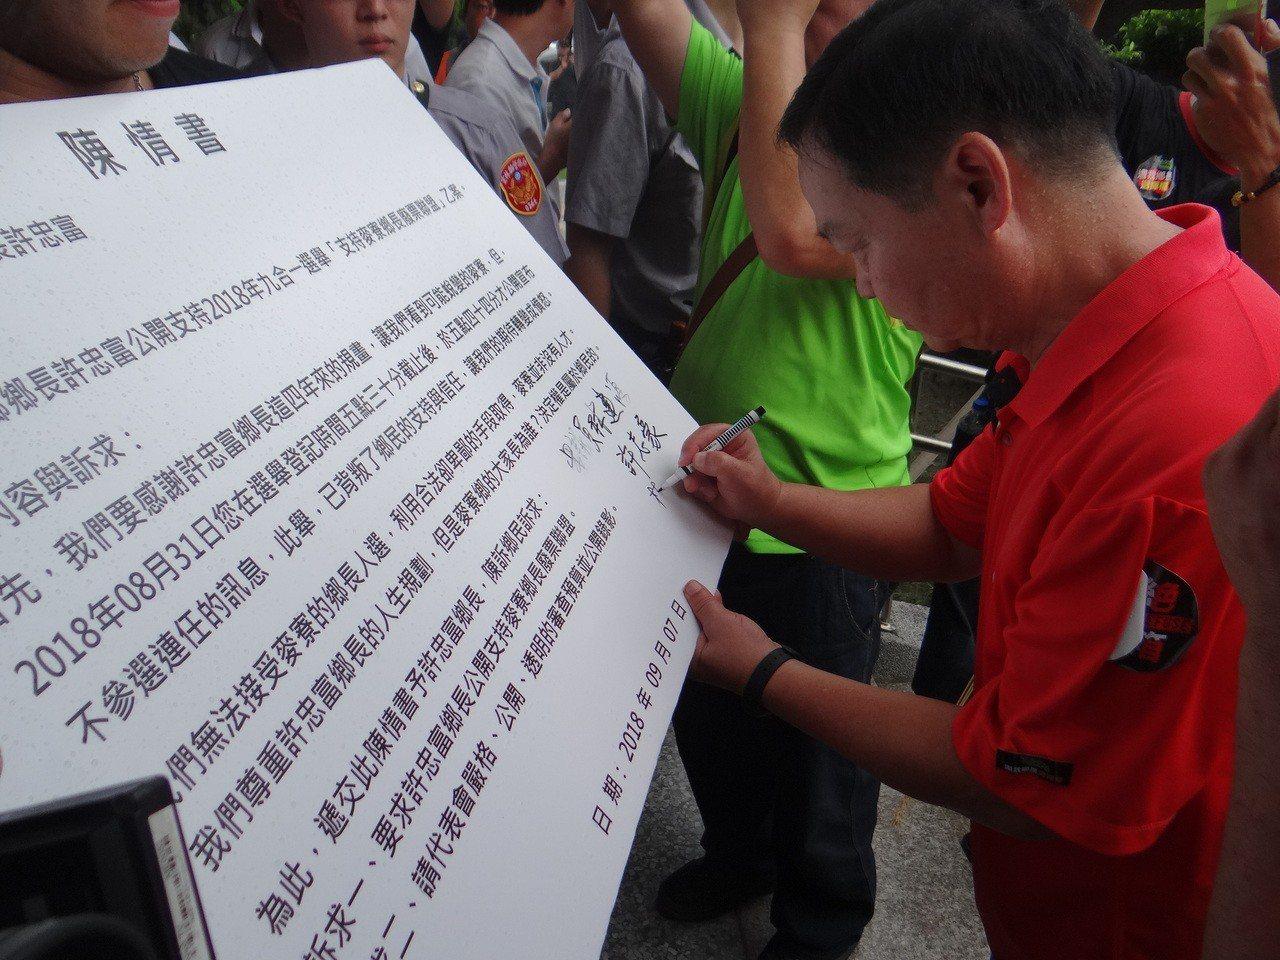 麥寮鄉三位縣議員簽署支持廢盟的訴求。記者蔡維斌/攝影